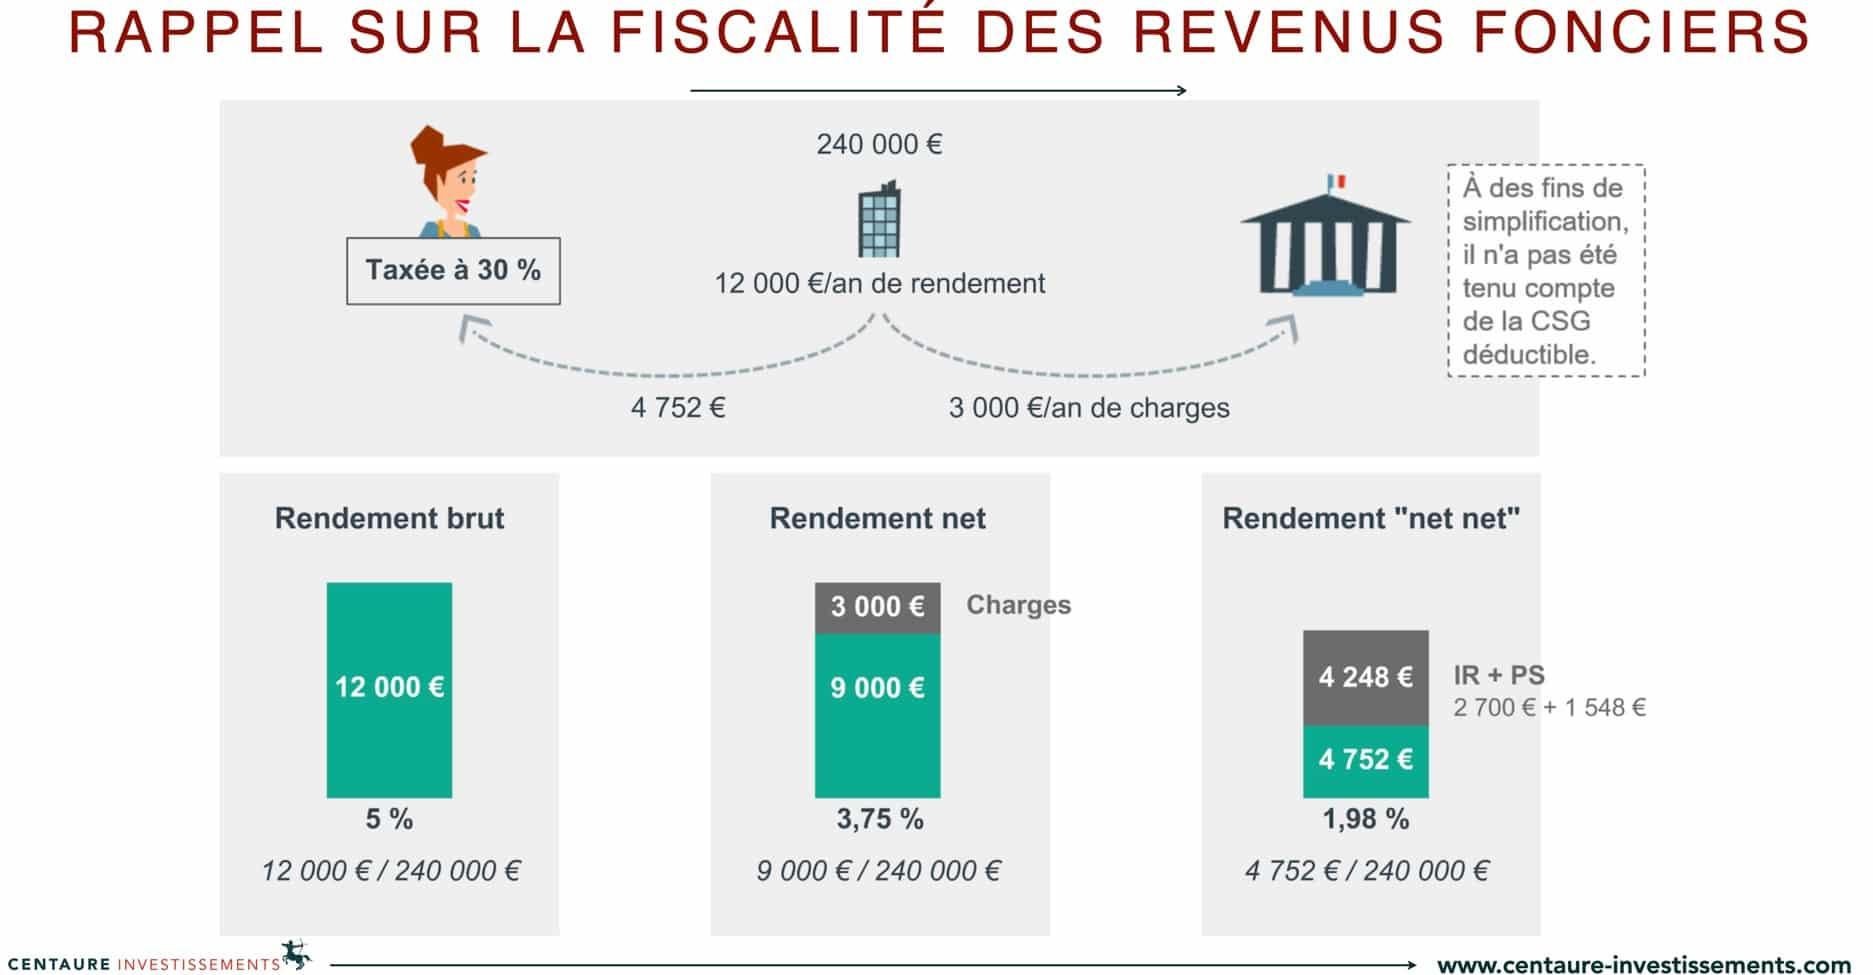 Fiscalité des revenus fonciers